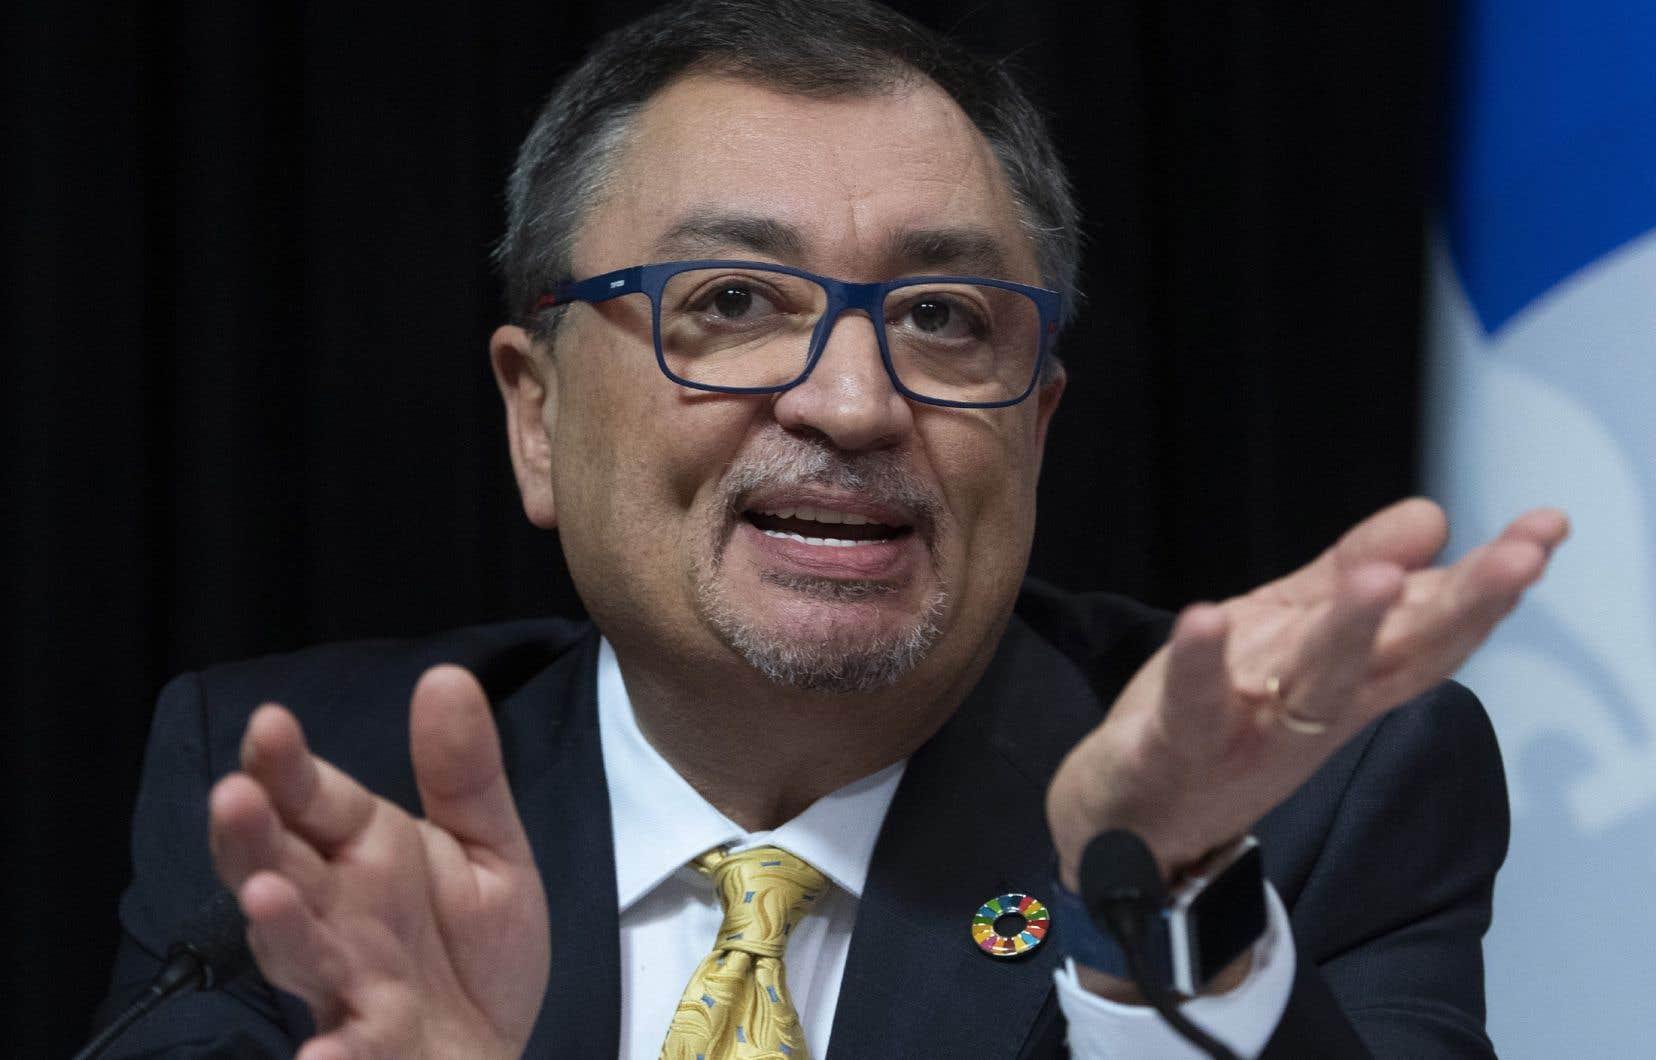 Ledirecteur national de santé publiqueHoracio Arruda